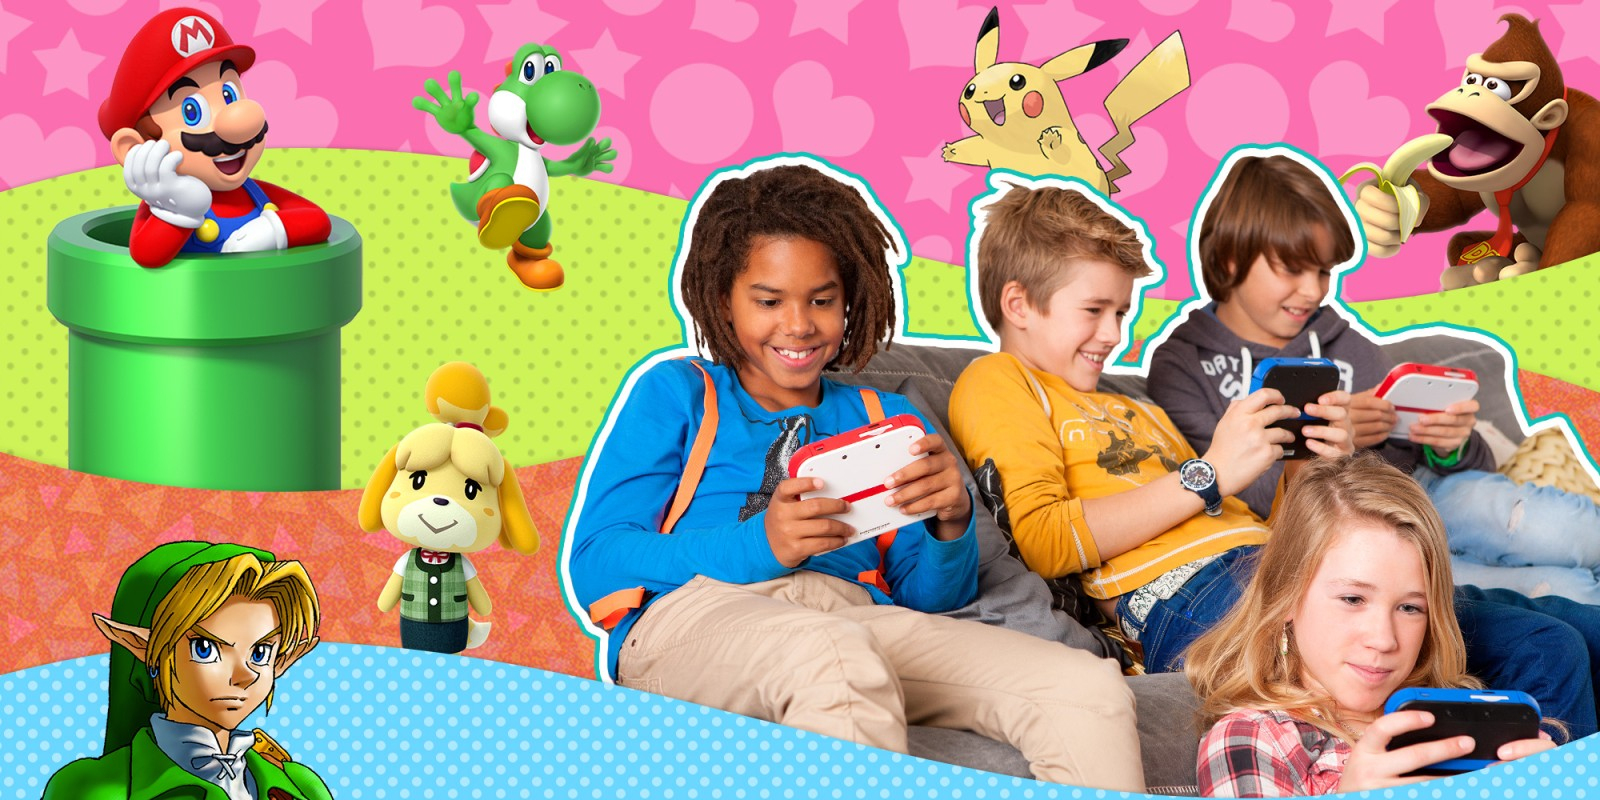 Jeux Nintendo Pour Les Enfants | Nintendo destiné Jeux En Ligne Enfant Gratuit